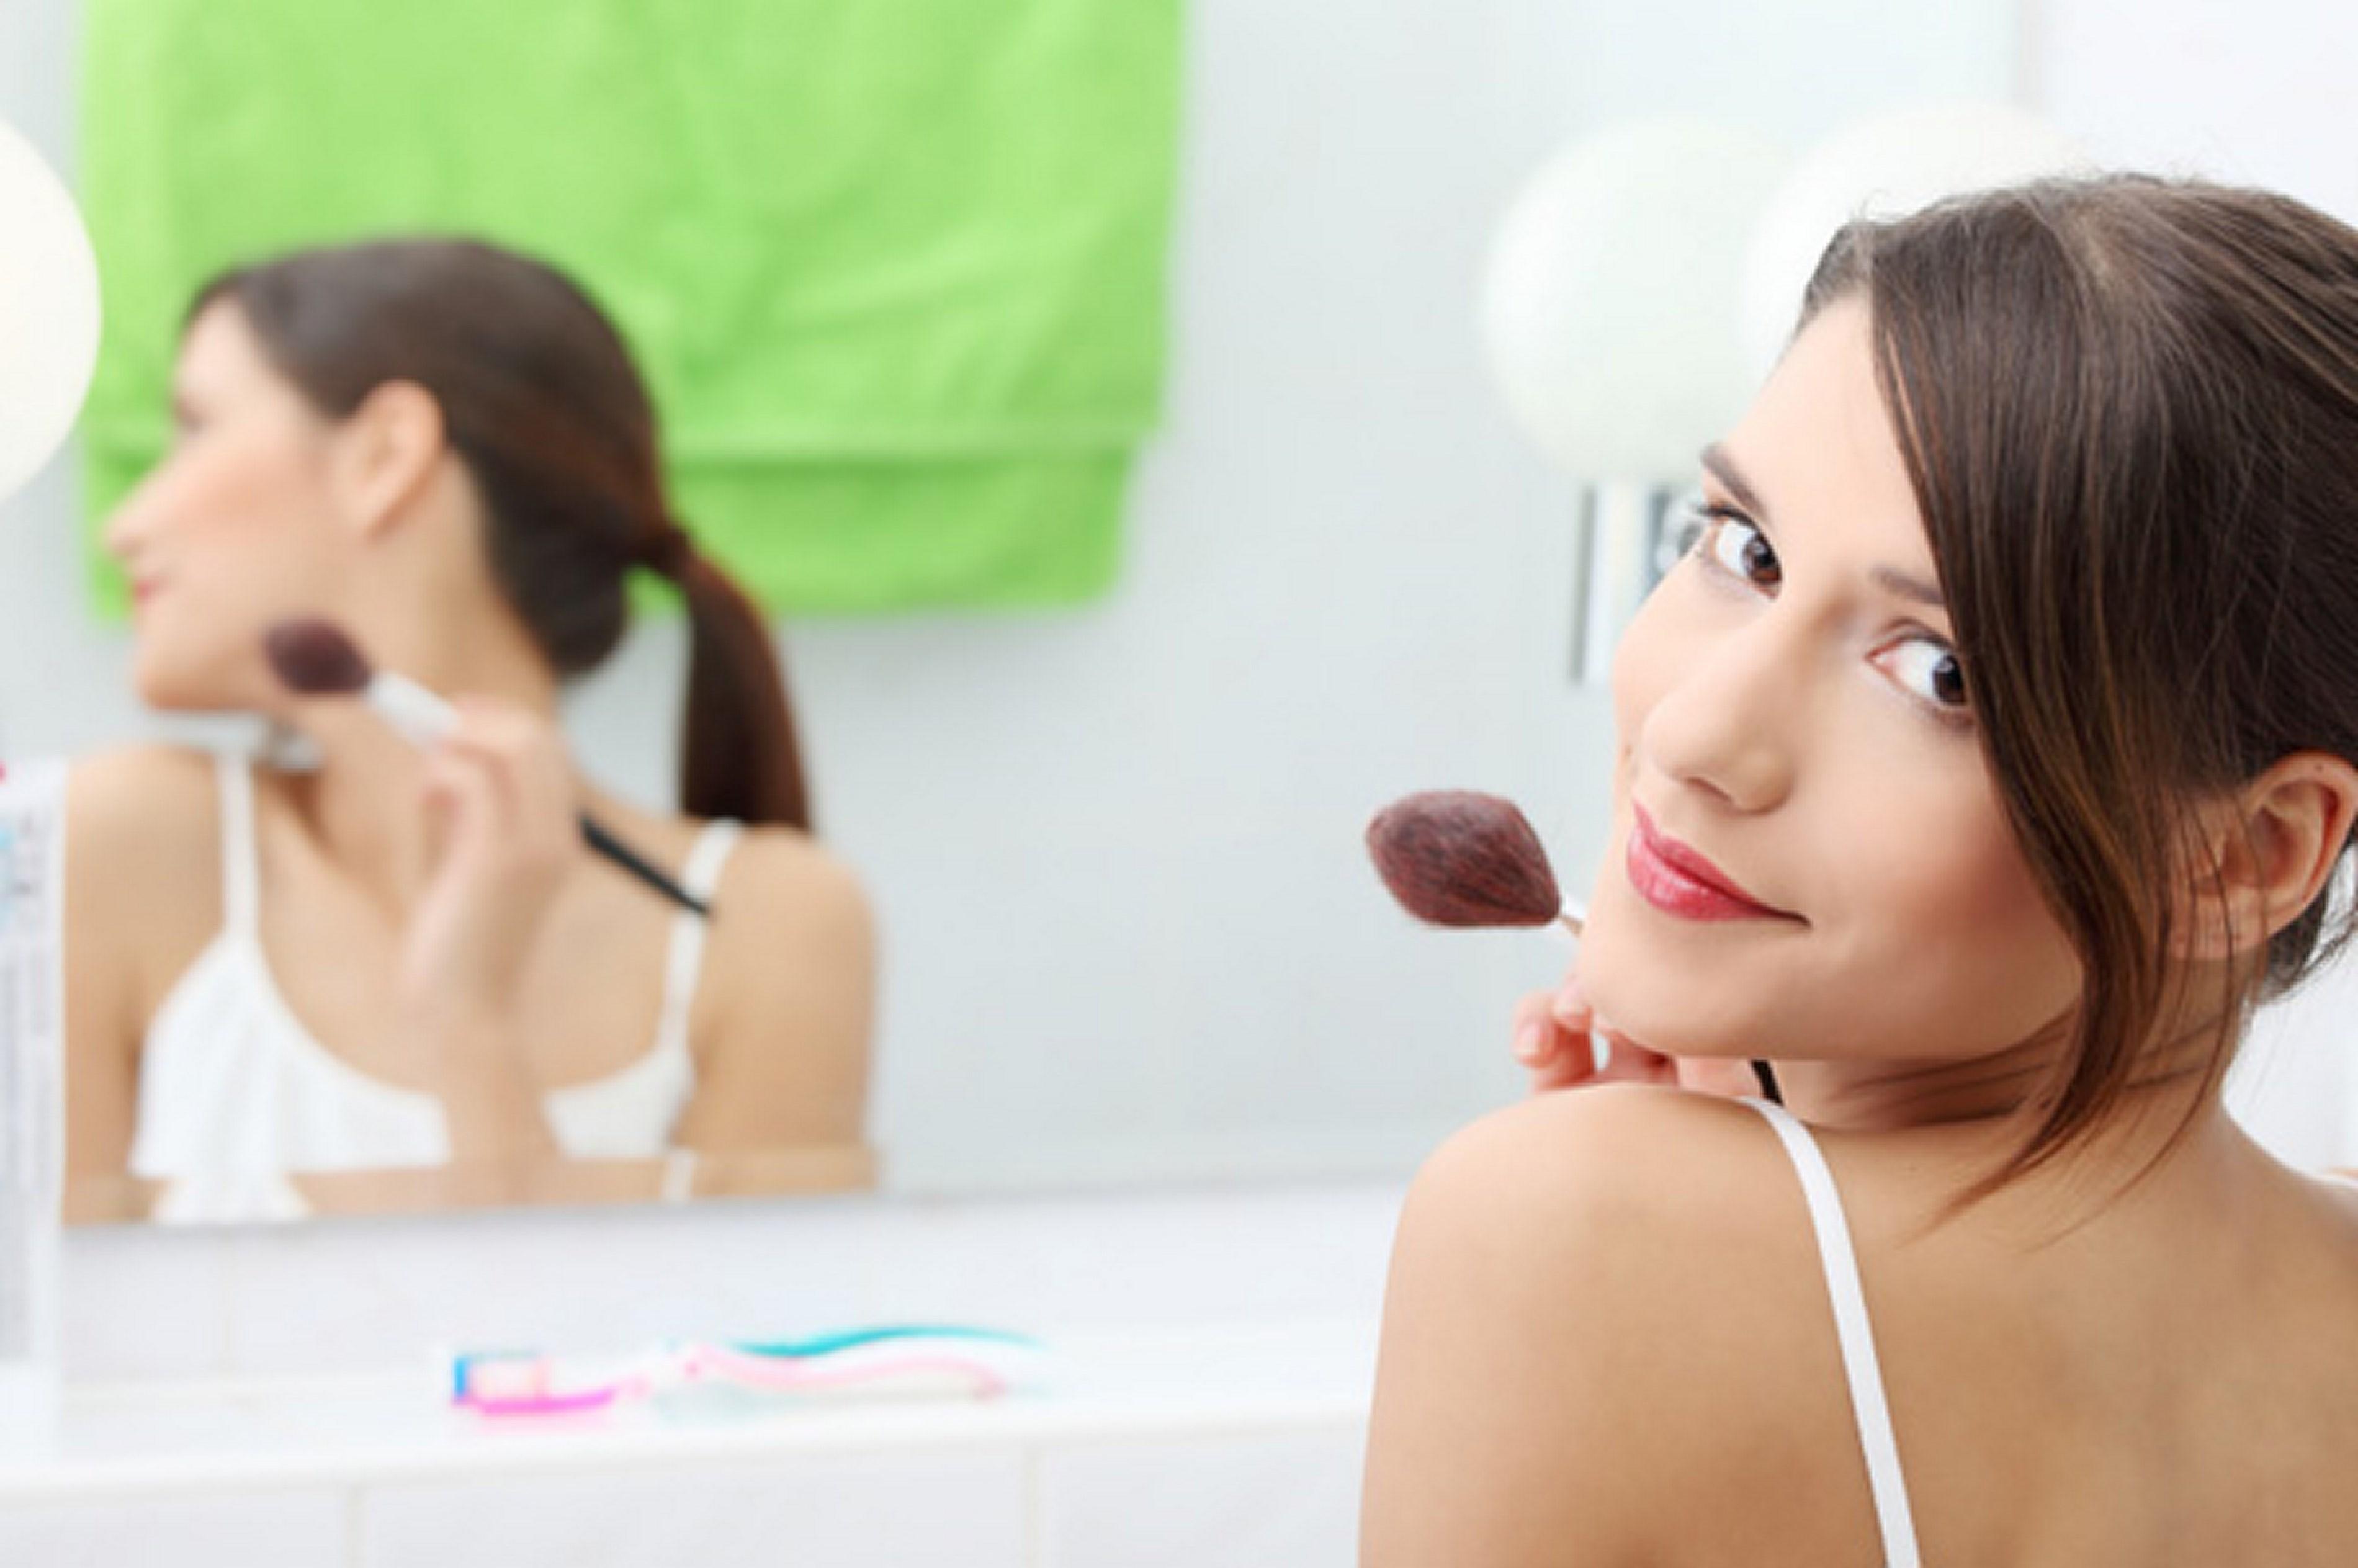 Фото голых девочек перед зеркалом, Девушки у зеркала KyKyRyzO 13 фотография